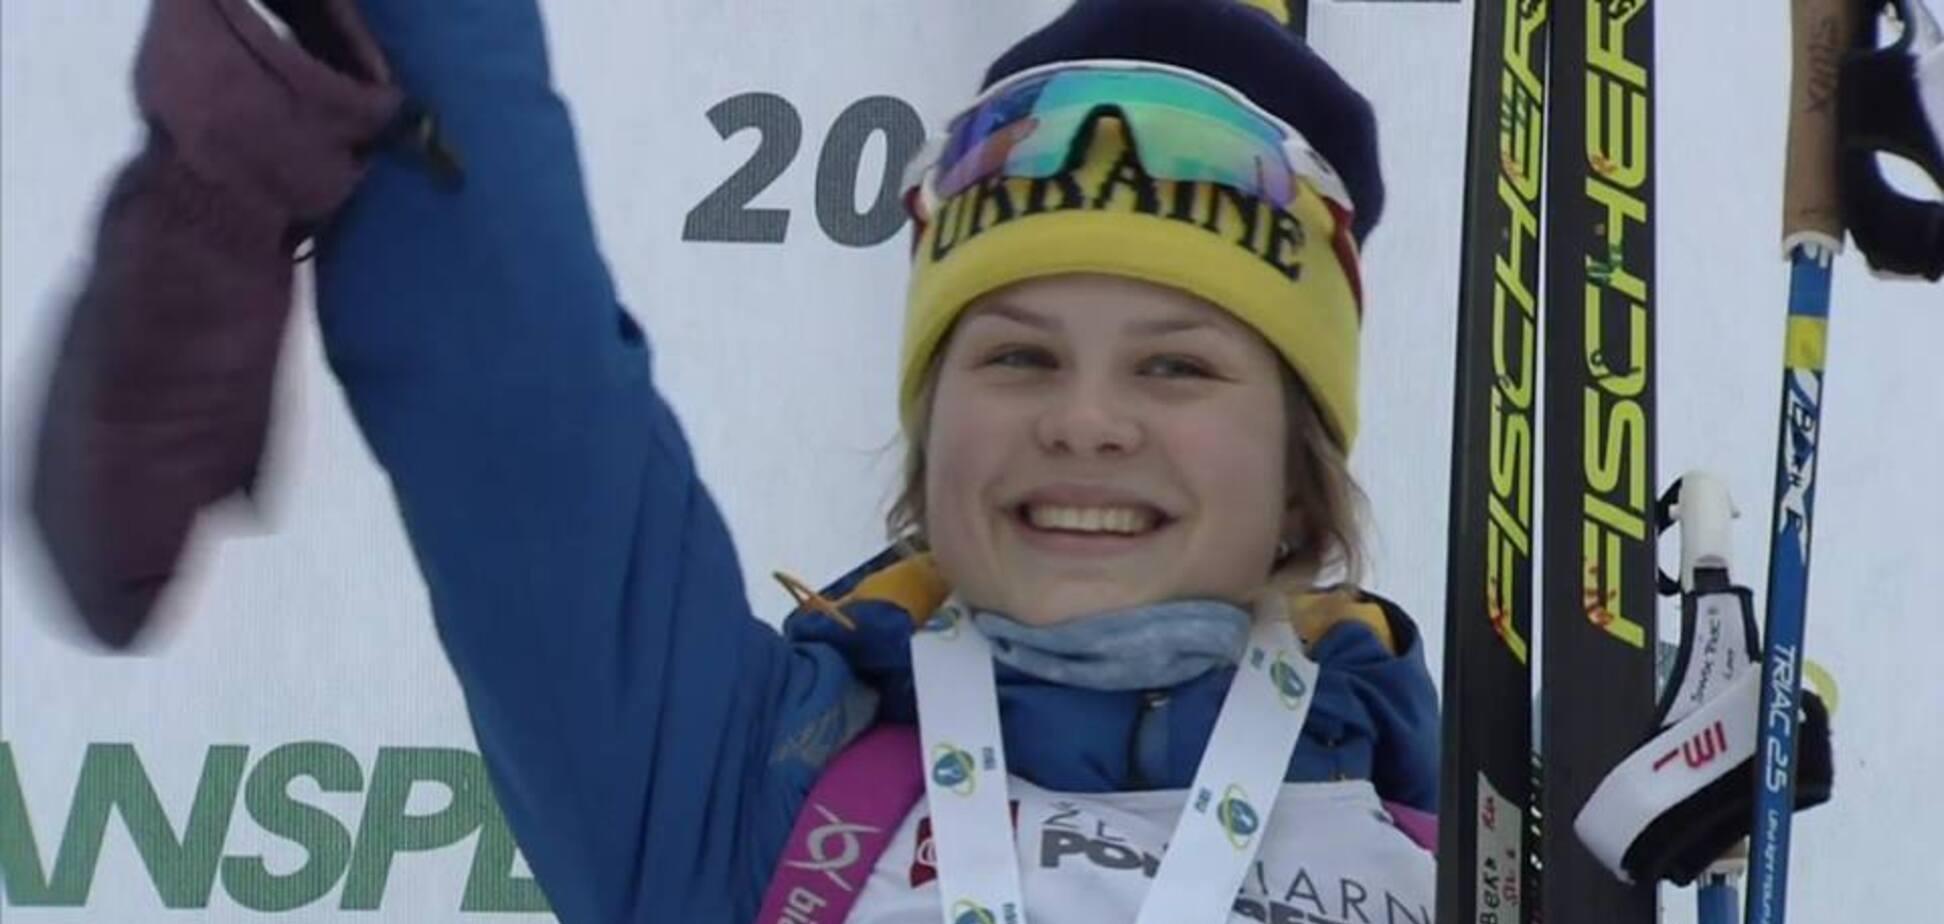 Біатлон: в Україні заступилися за спортсменок, які переїхали з Росії